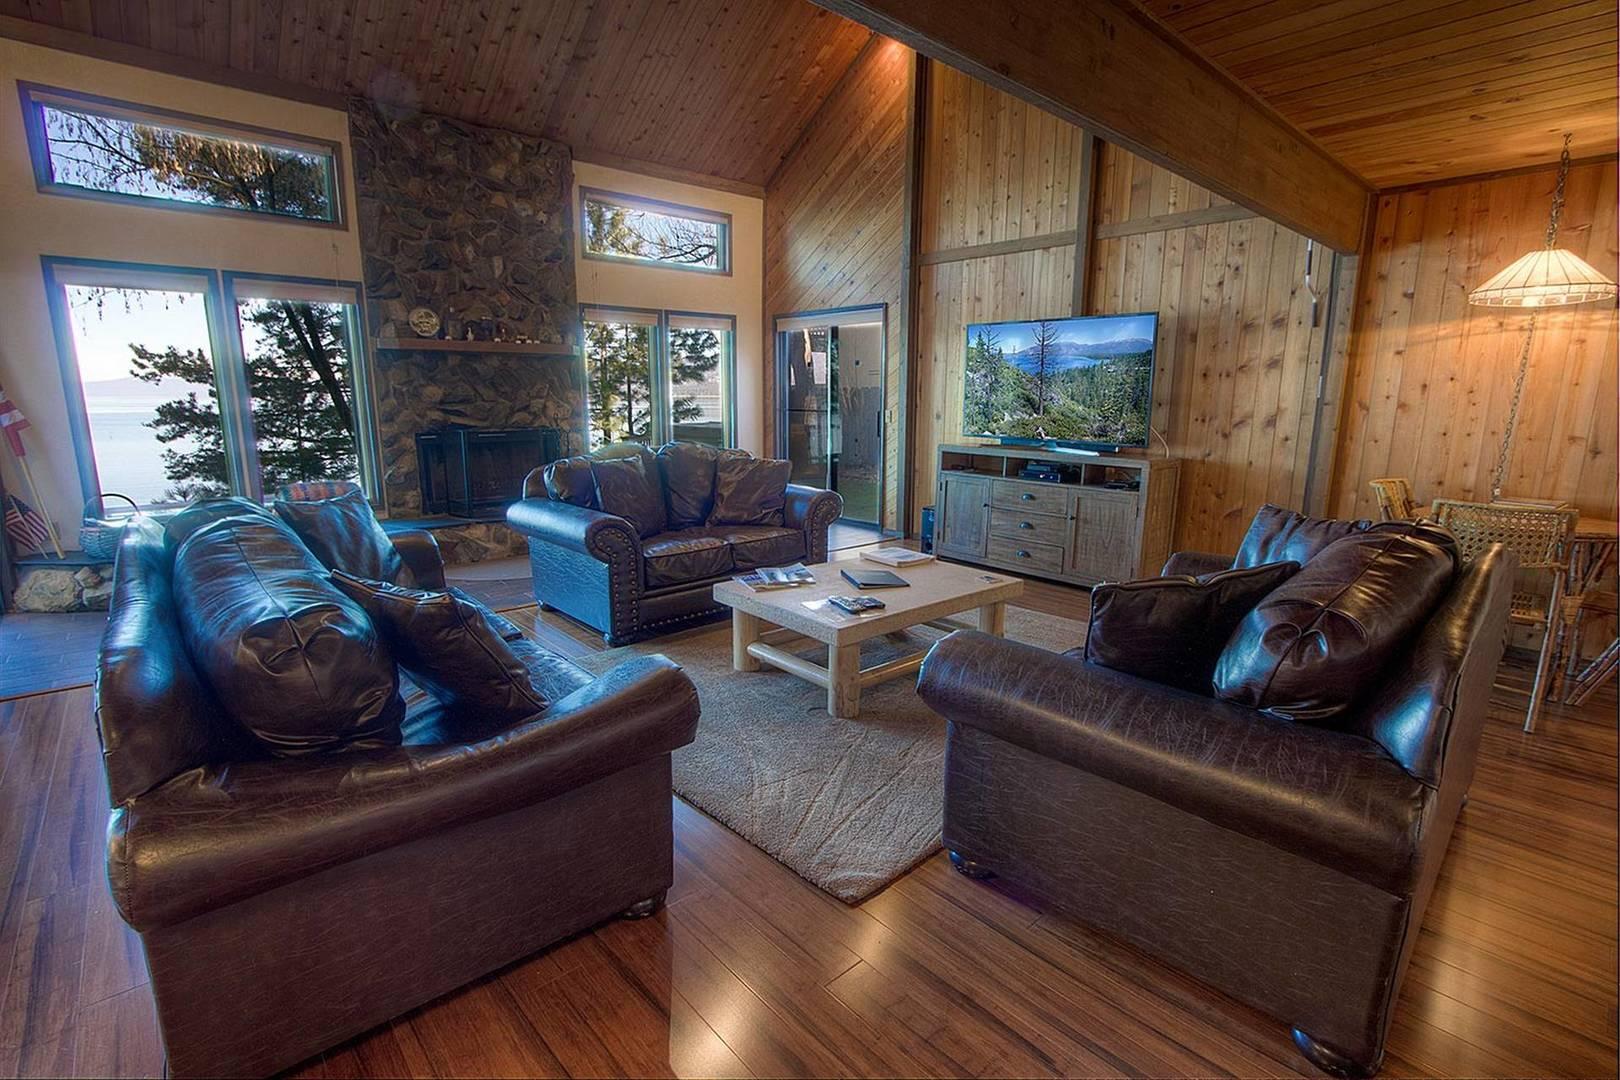 cyh1281 living room